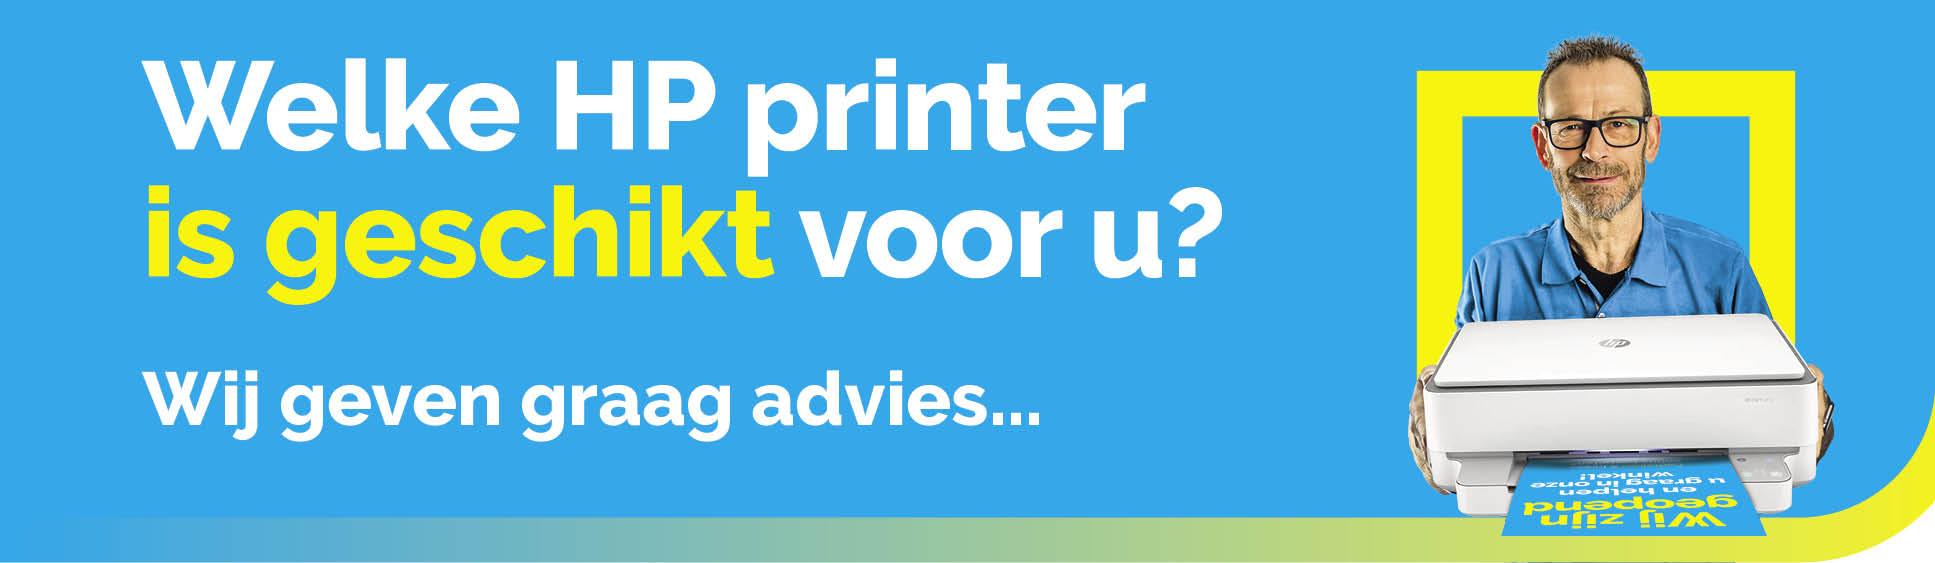 Welke HP printer is geschikt voor u?